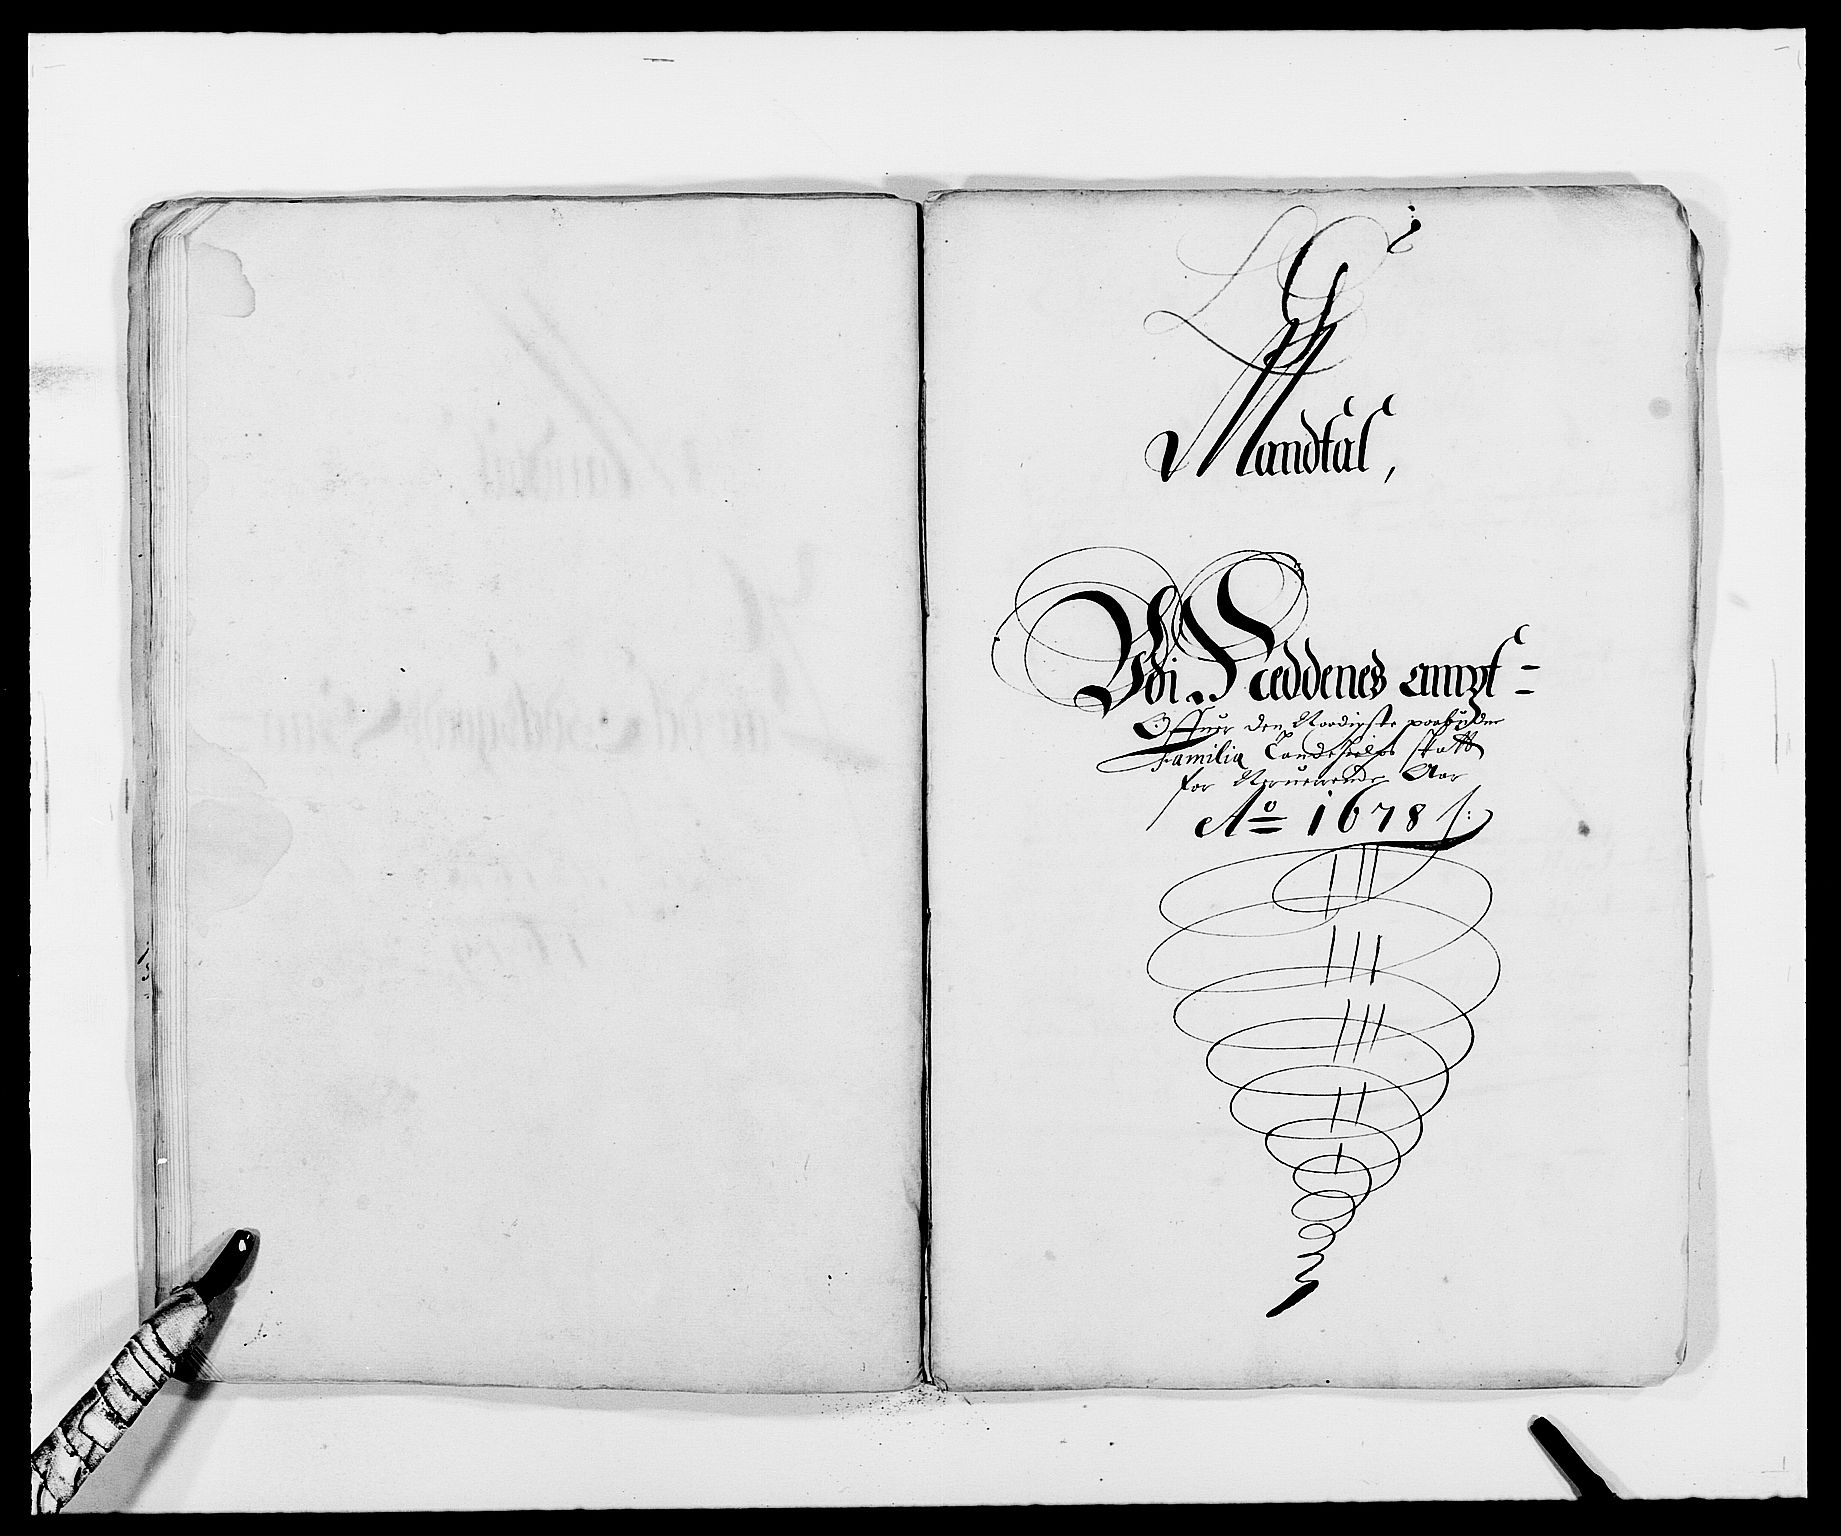 RA, Rentekammeret inntil 1814, Reviderte regnskaper, Fogderegnskap, R39/L2302: Fogderegnskap Nedenes, 1677-1678, s. 309